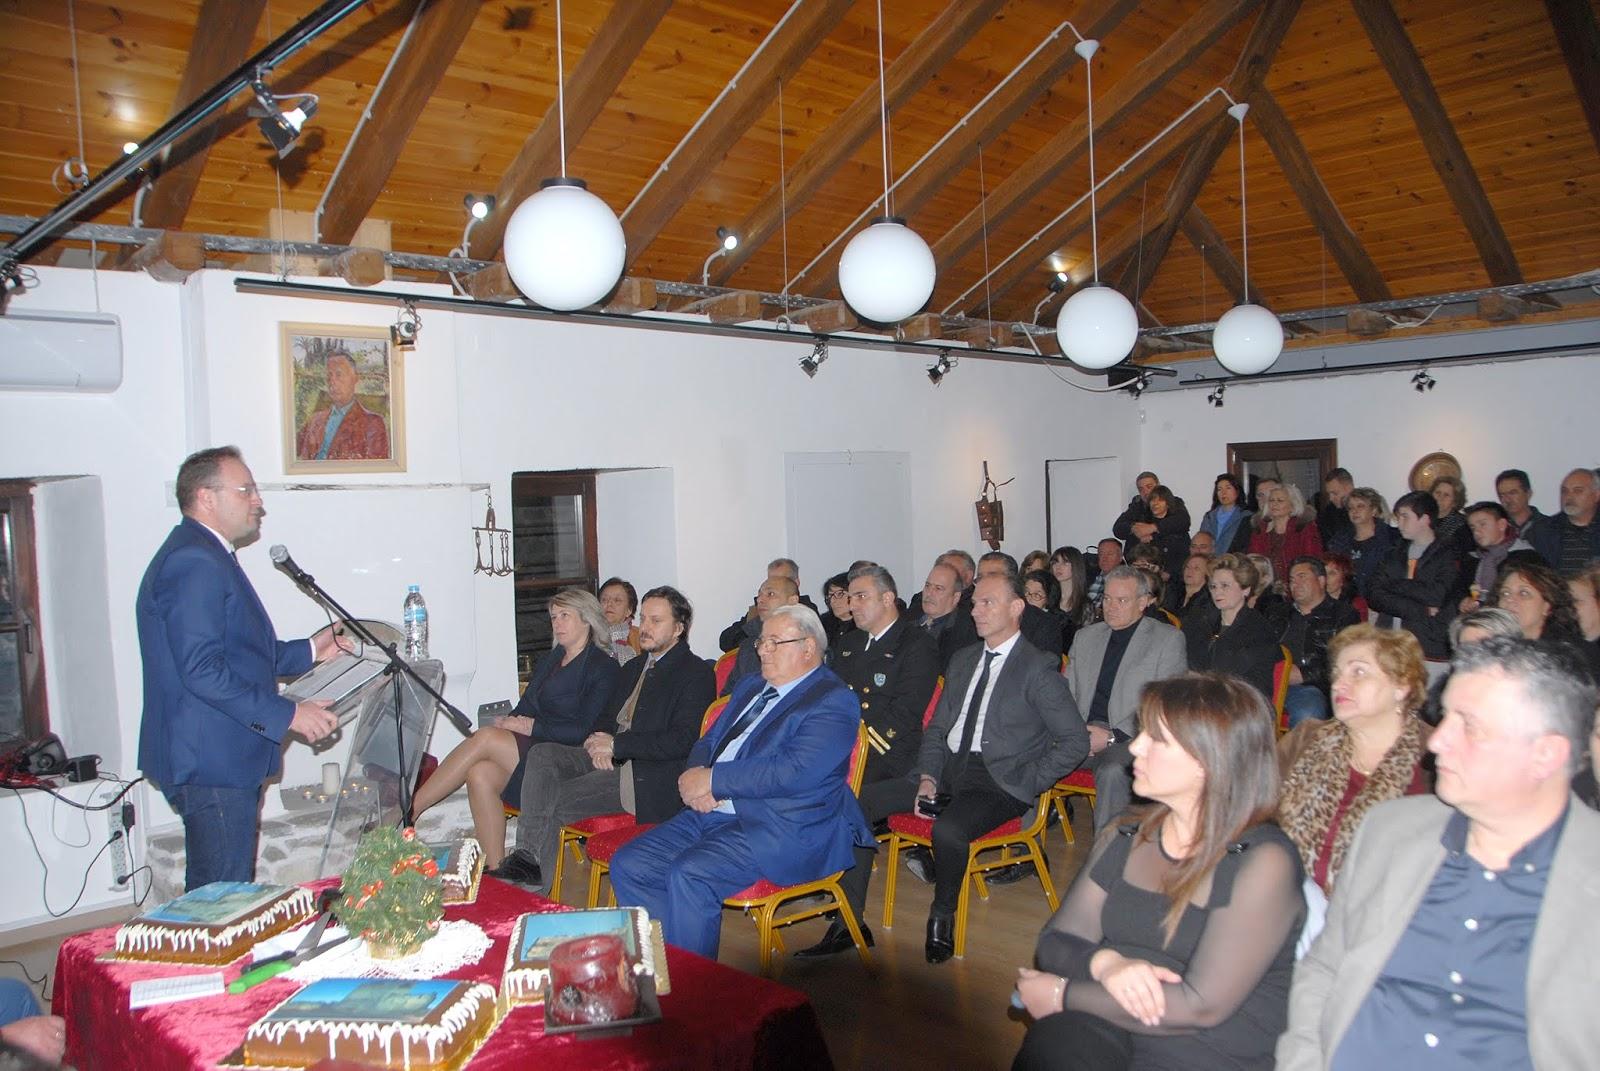 Την πρωτοχρονιάτικη πίτα έκοψε ο τοπικό συμβούλιο της Ουρανούπολης (φώτο)